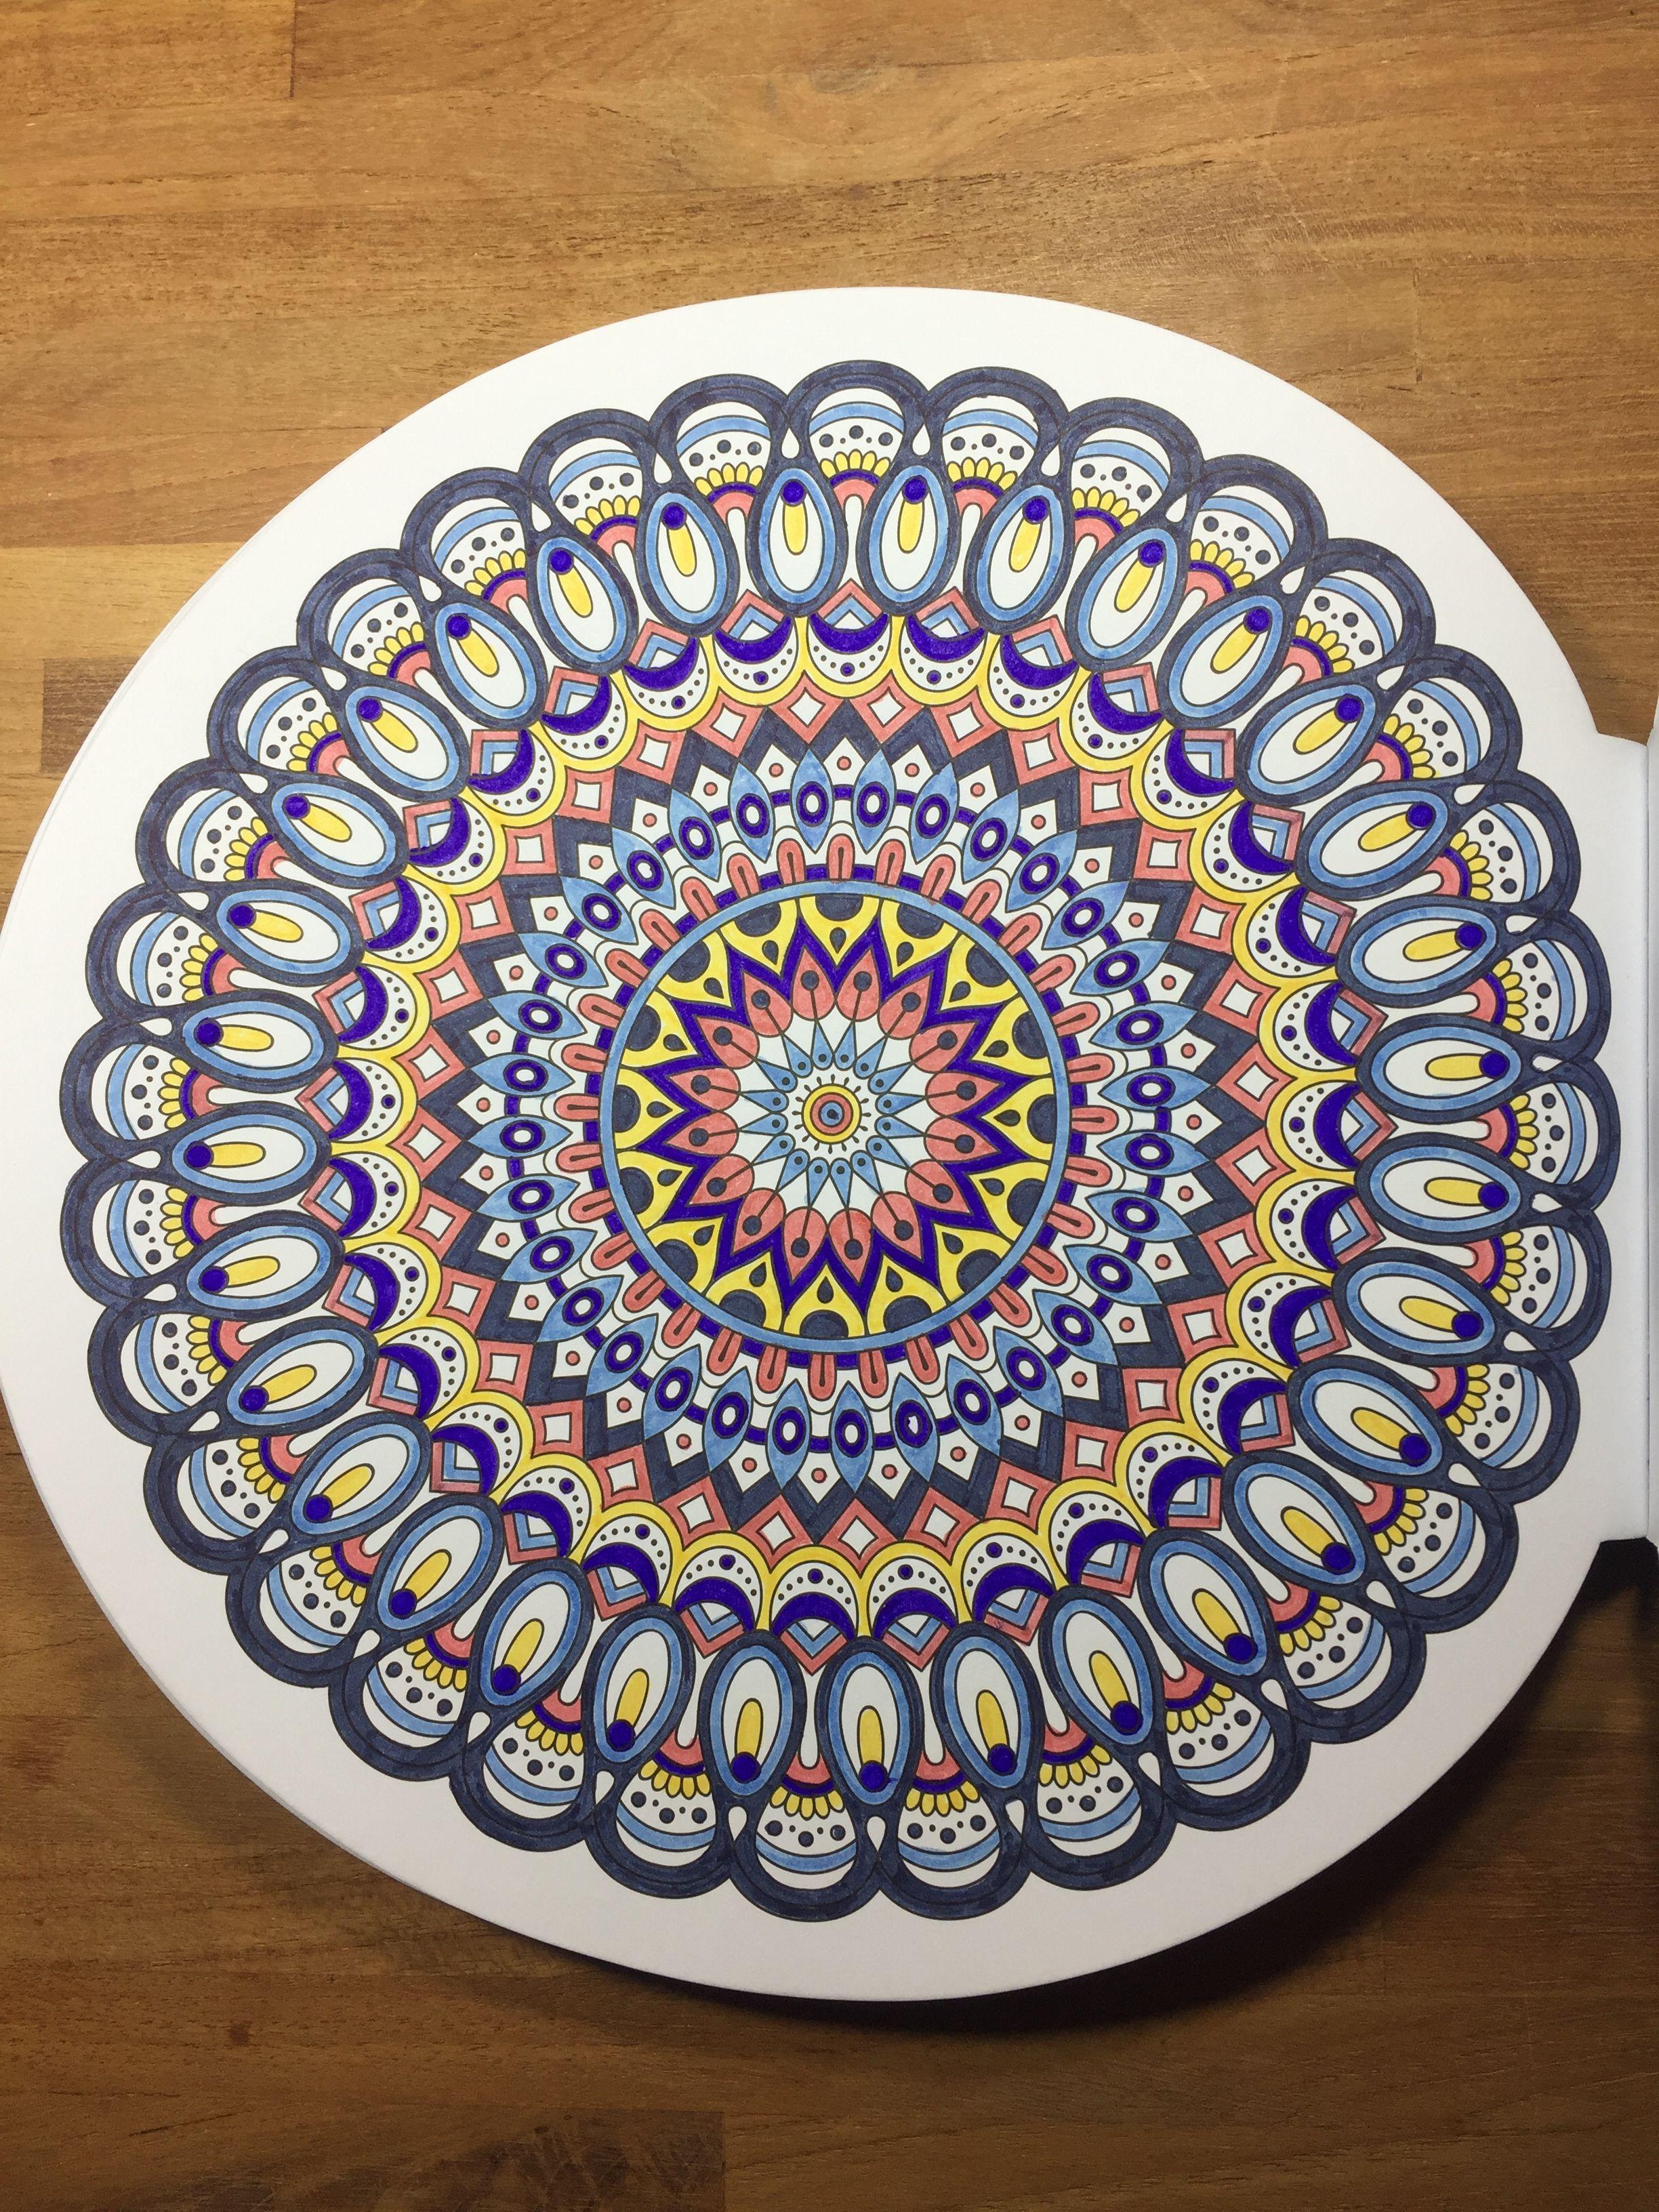 Pin de Aga en Mandale | Pinterest | Mandalas, Mandalas pintadas y Pintar